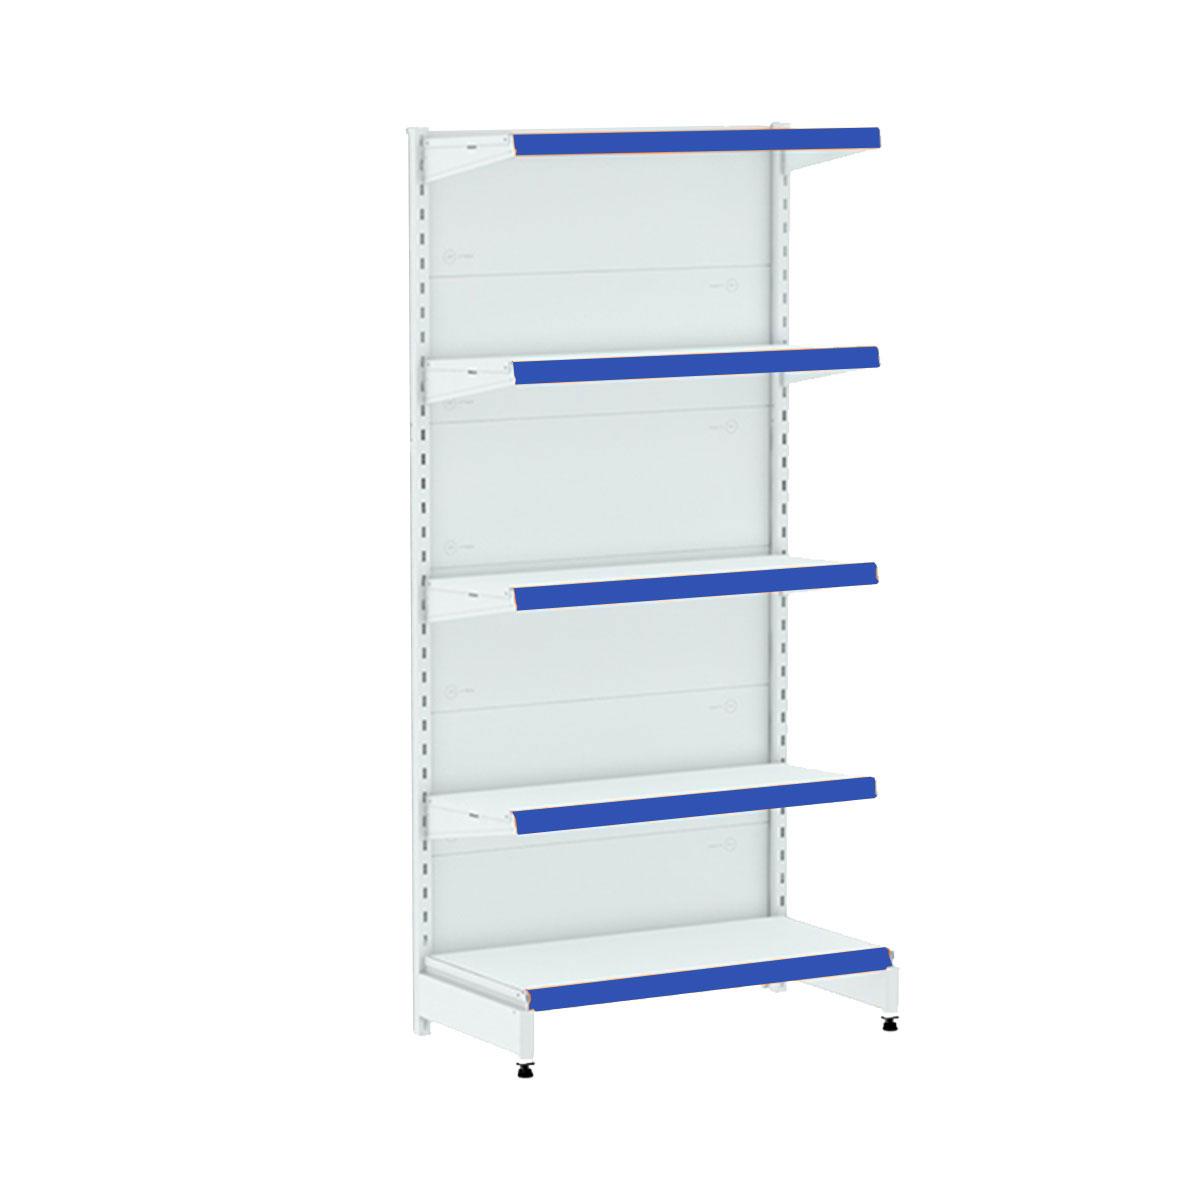 Gôndola Parede Lateral 1 Inicial e 4 Continuação 1,70 de Altura Porta Etiqueta Azul - Amapá  - Carmel Equipamentos